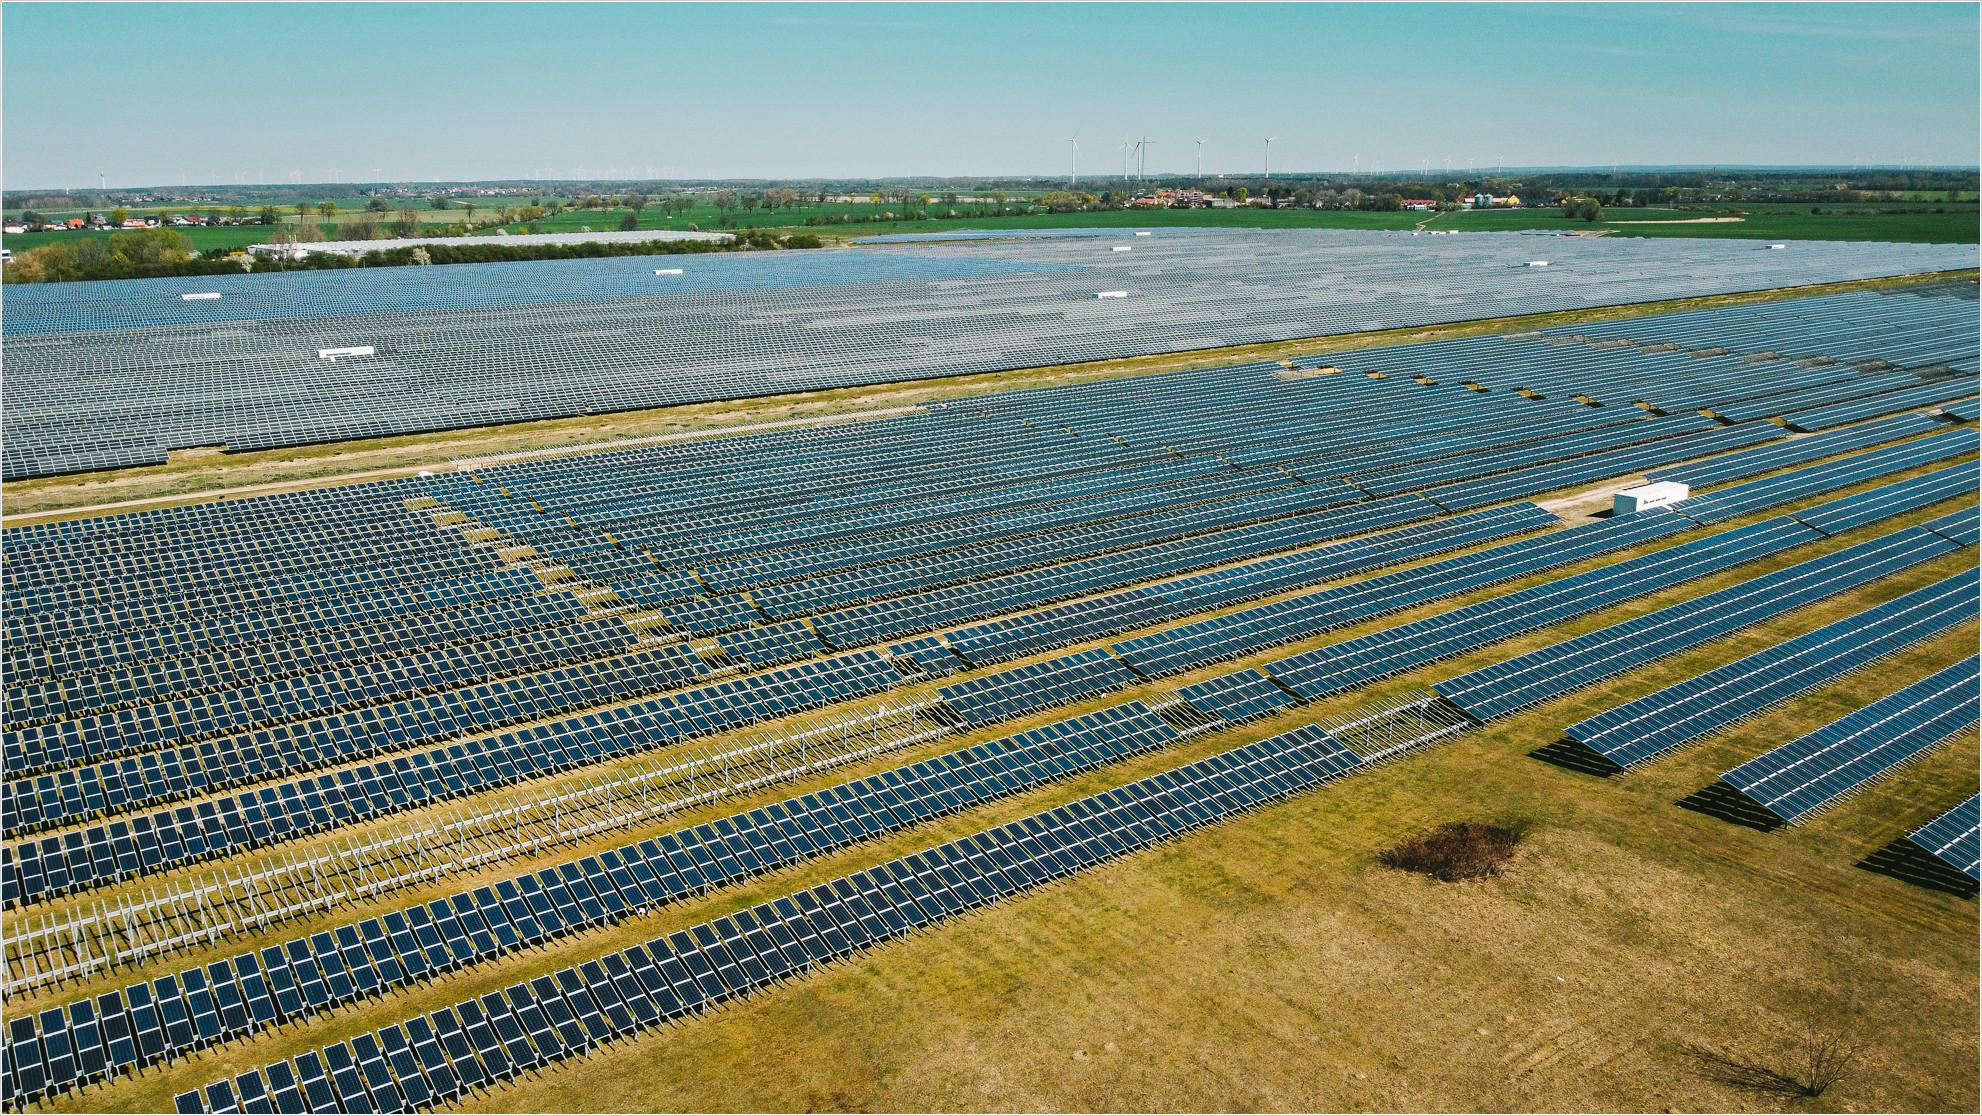 Blick auf den Solarpark Eiche